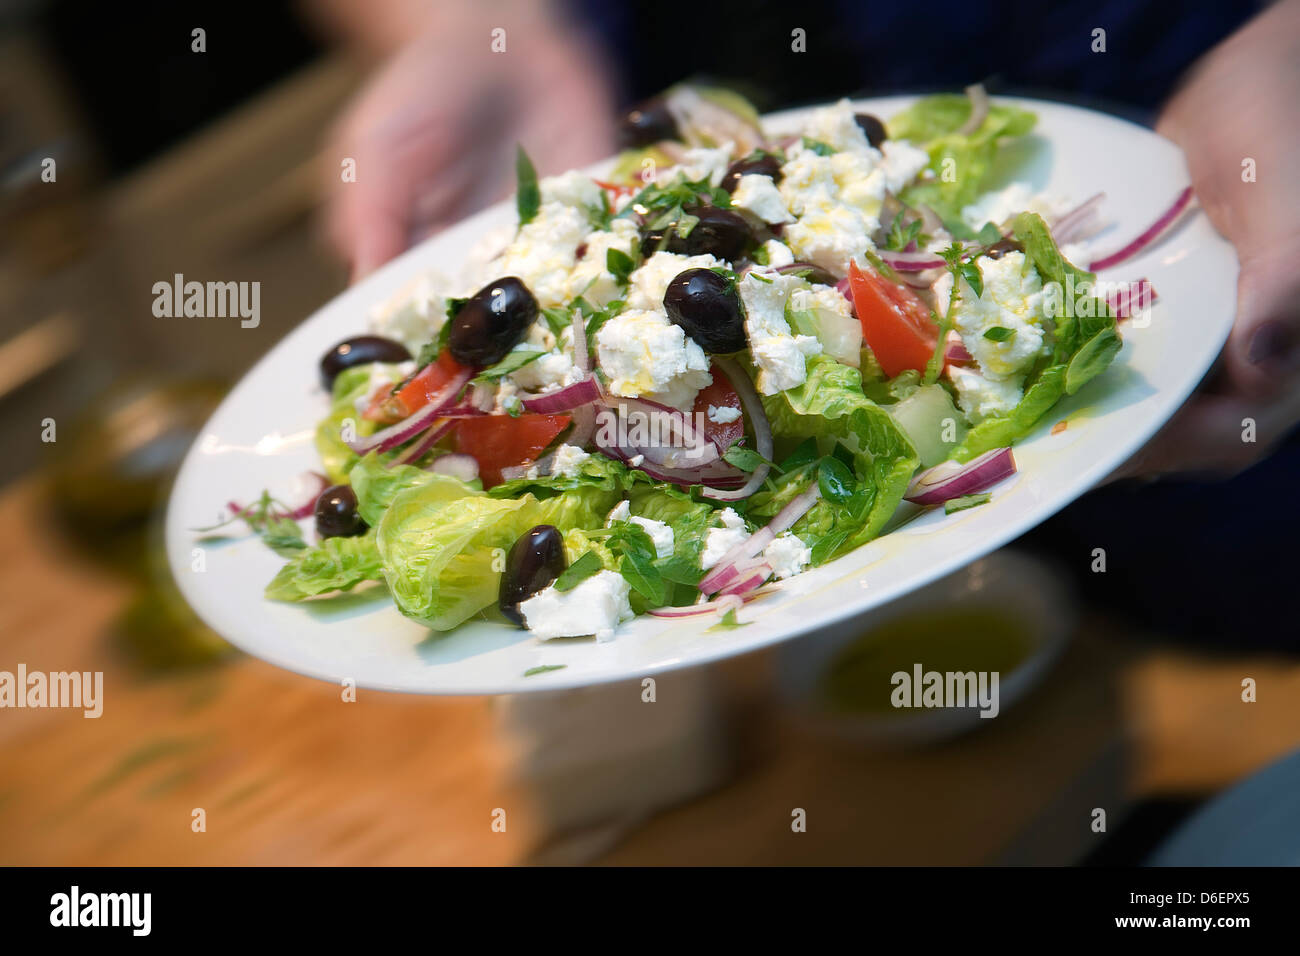 Abgeschlossen Salat / Schritt Schuss Stockbild